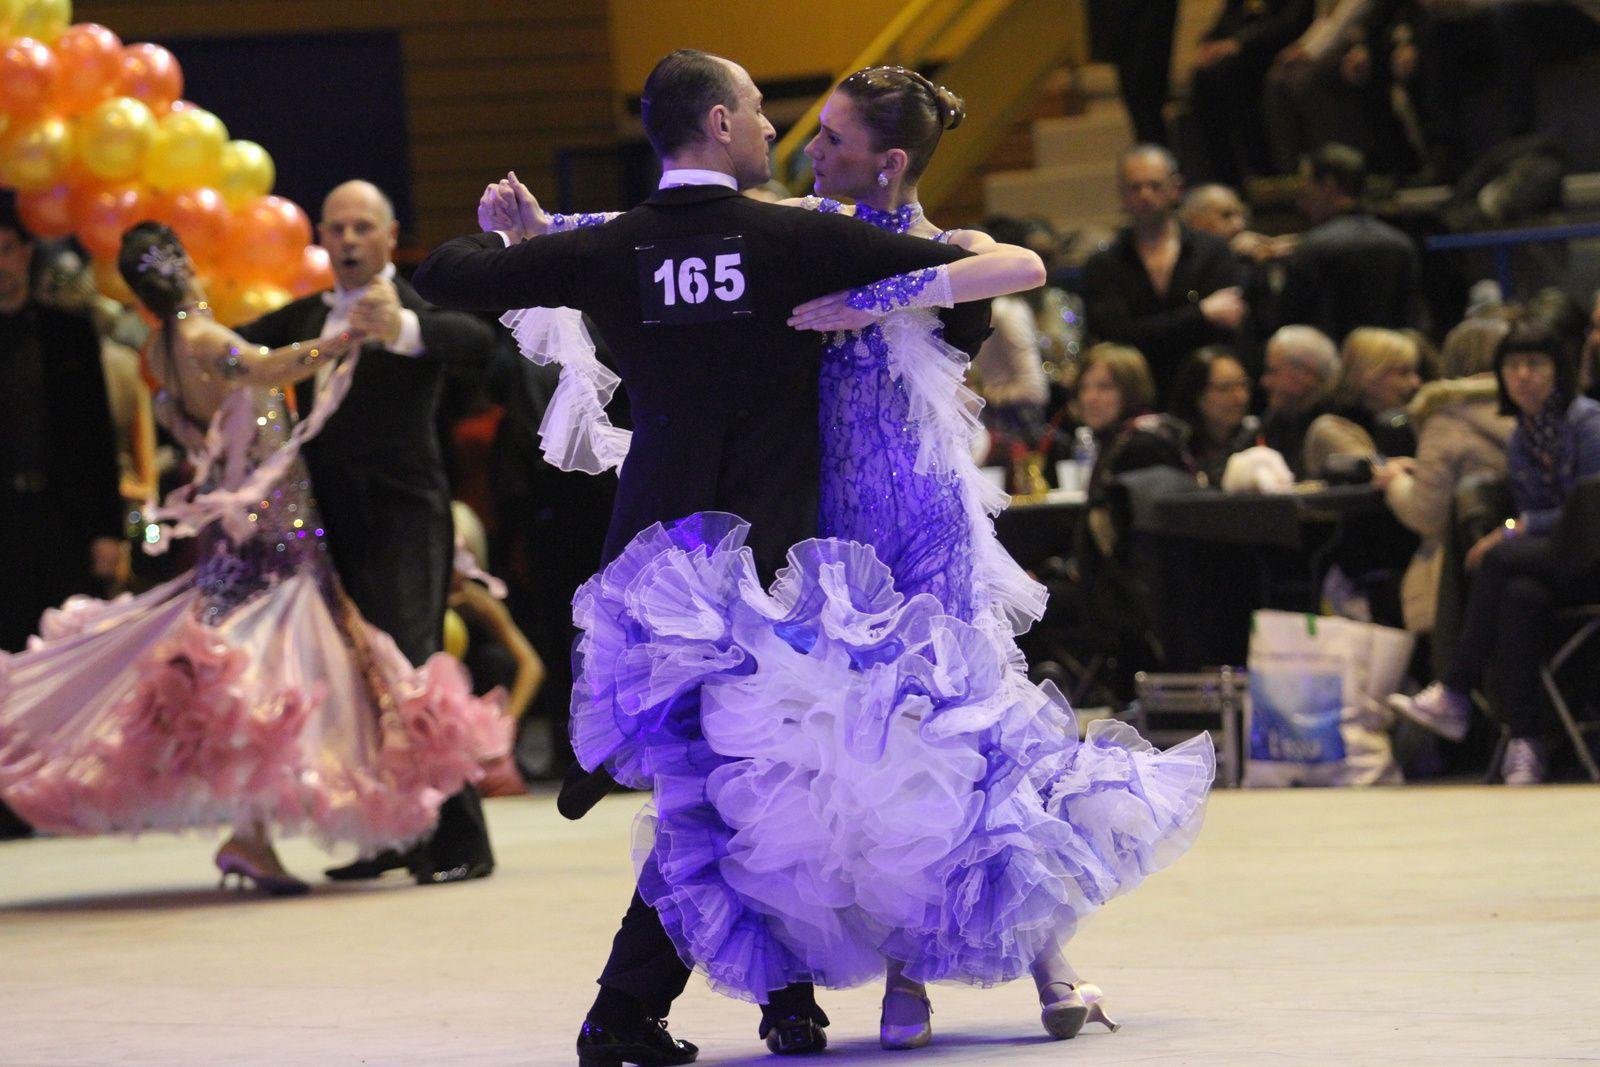 Le 6e Trophée de danse sportive de Vénissieux Olympique Danse Sportive a été d'un très haut niveau